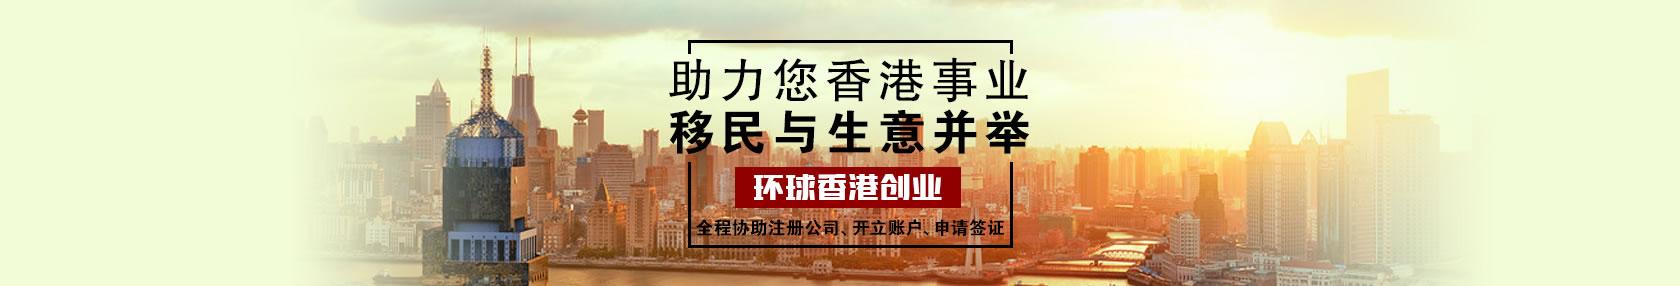 【环球移民】香港创业移民项目:助力您在香港投资创业获取香港身份